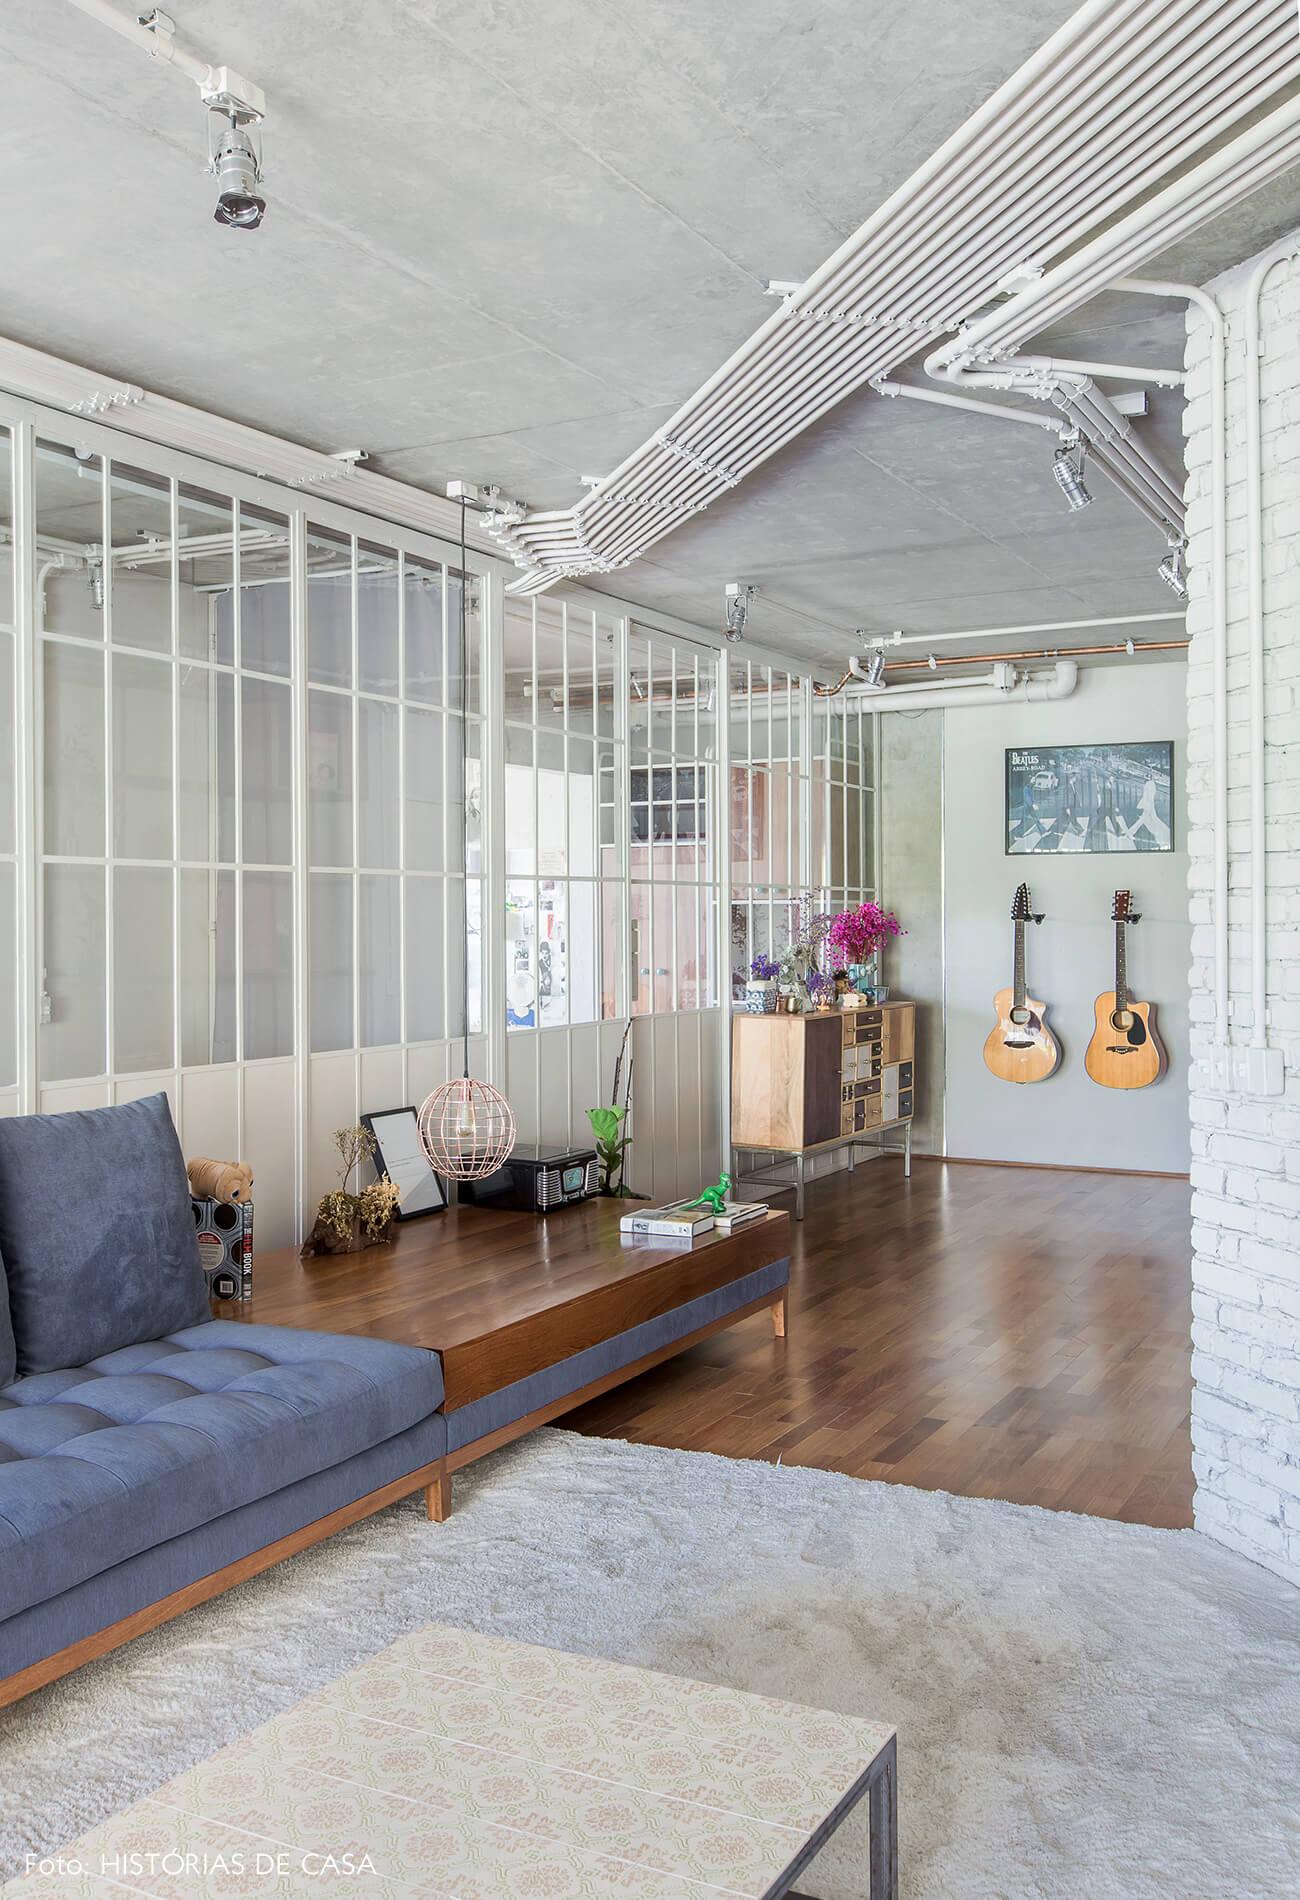 Apartamento com sala integrada e divisórias de serralheria e vidro